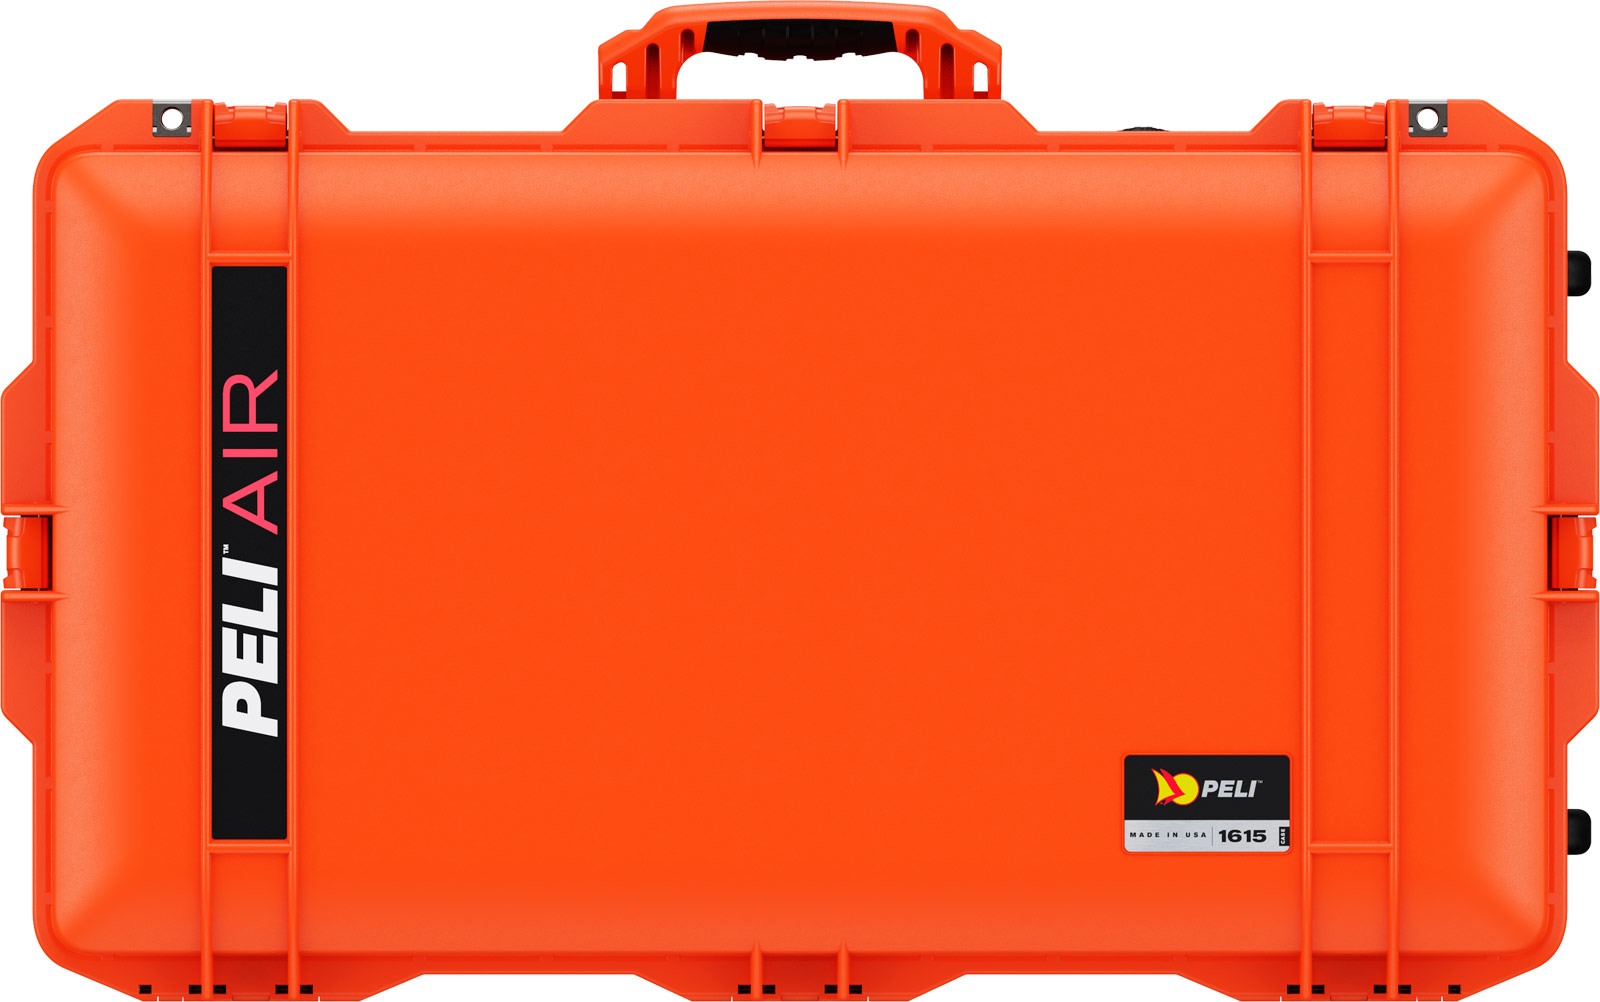 peli 1615 airline orange travel case